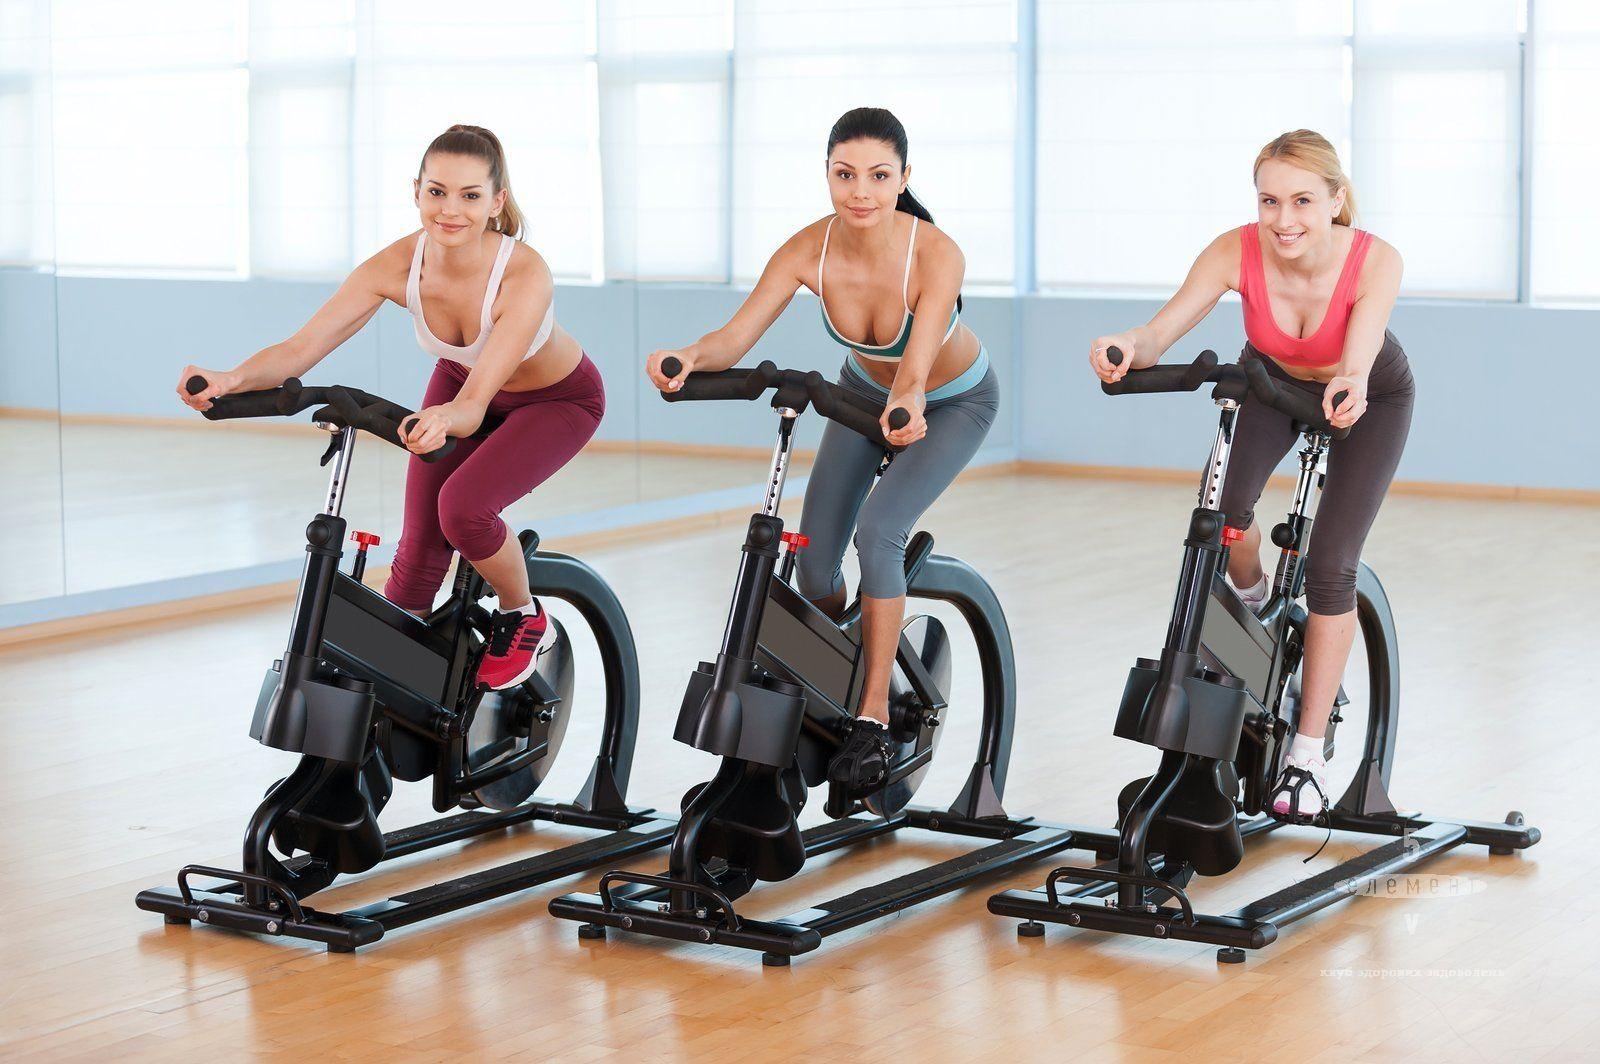 Сайкл-тренировки для похудения в фитнес-клубе 5 элемент